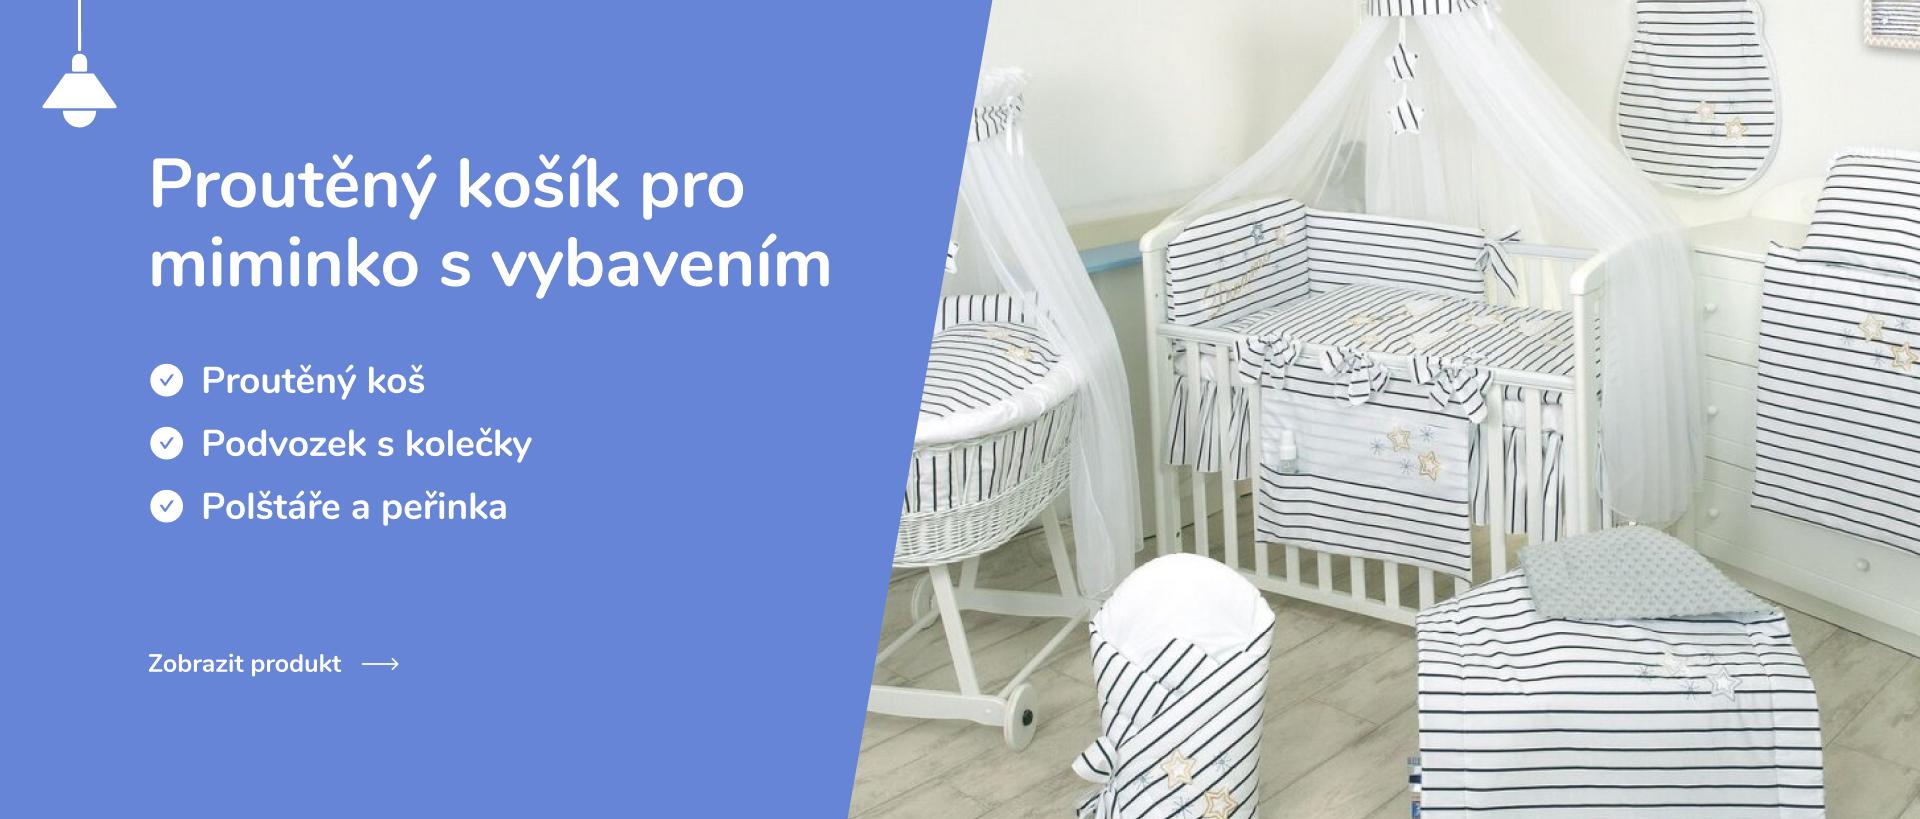 Proutěný košík pro miminko s vybavením